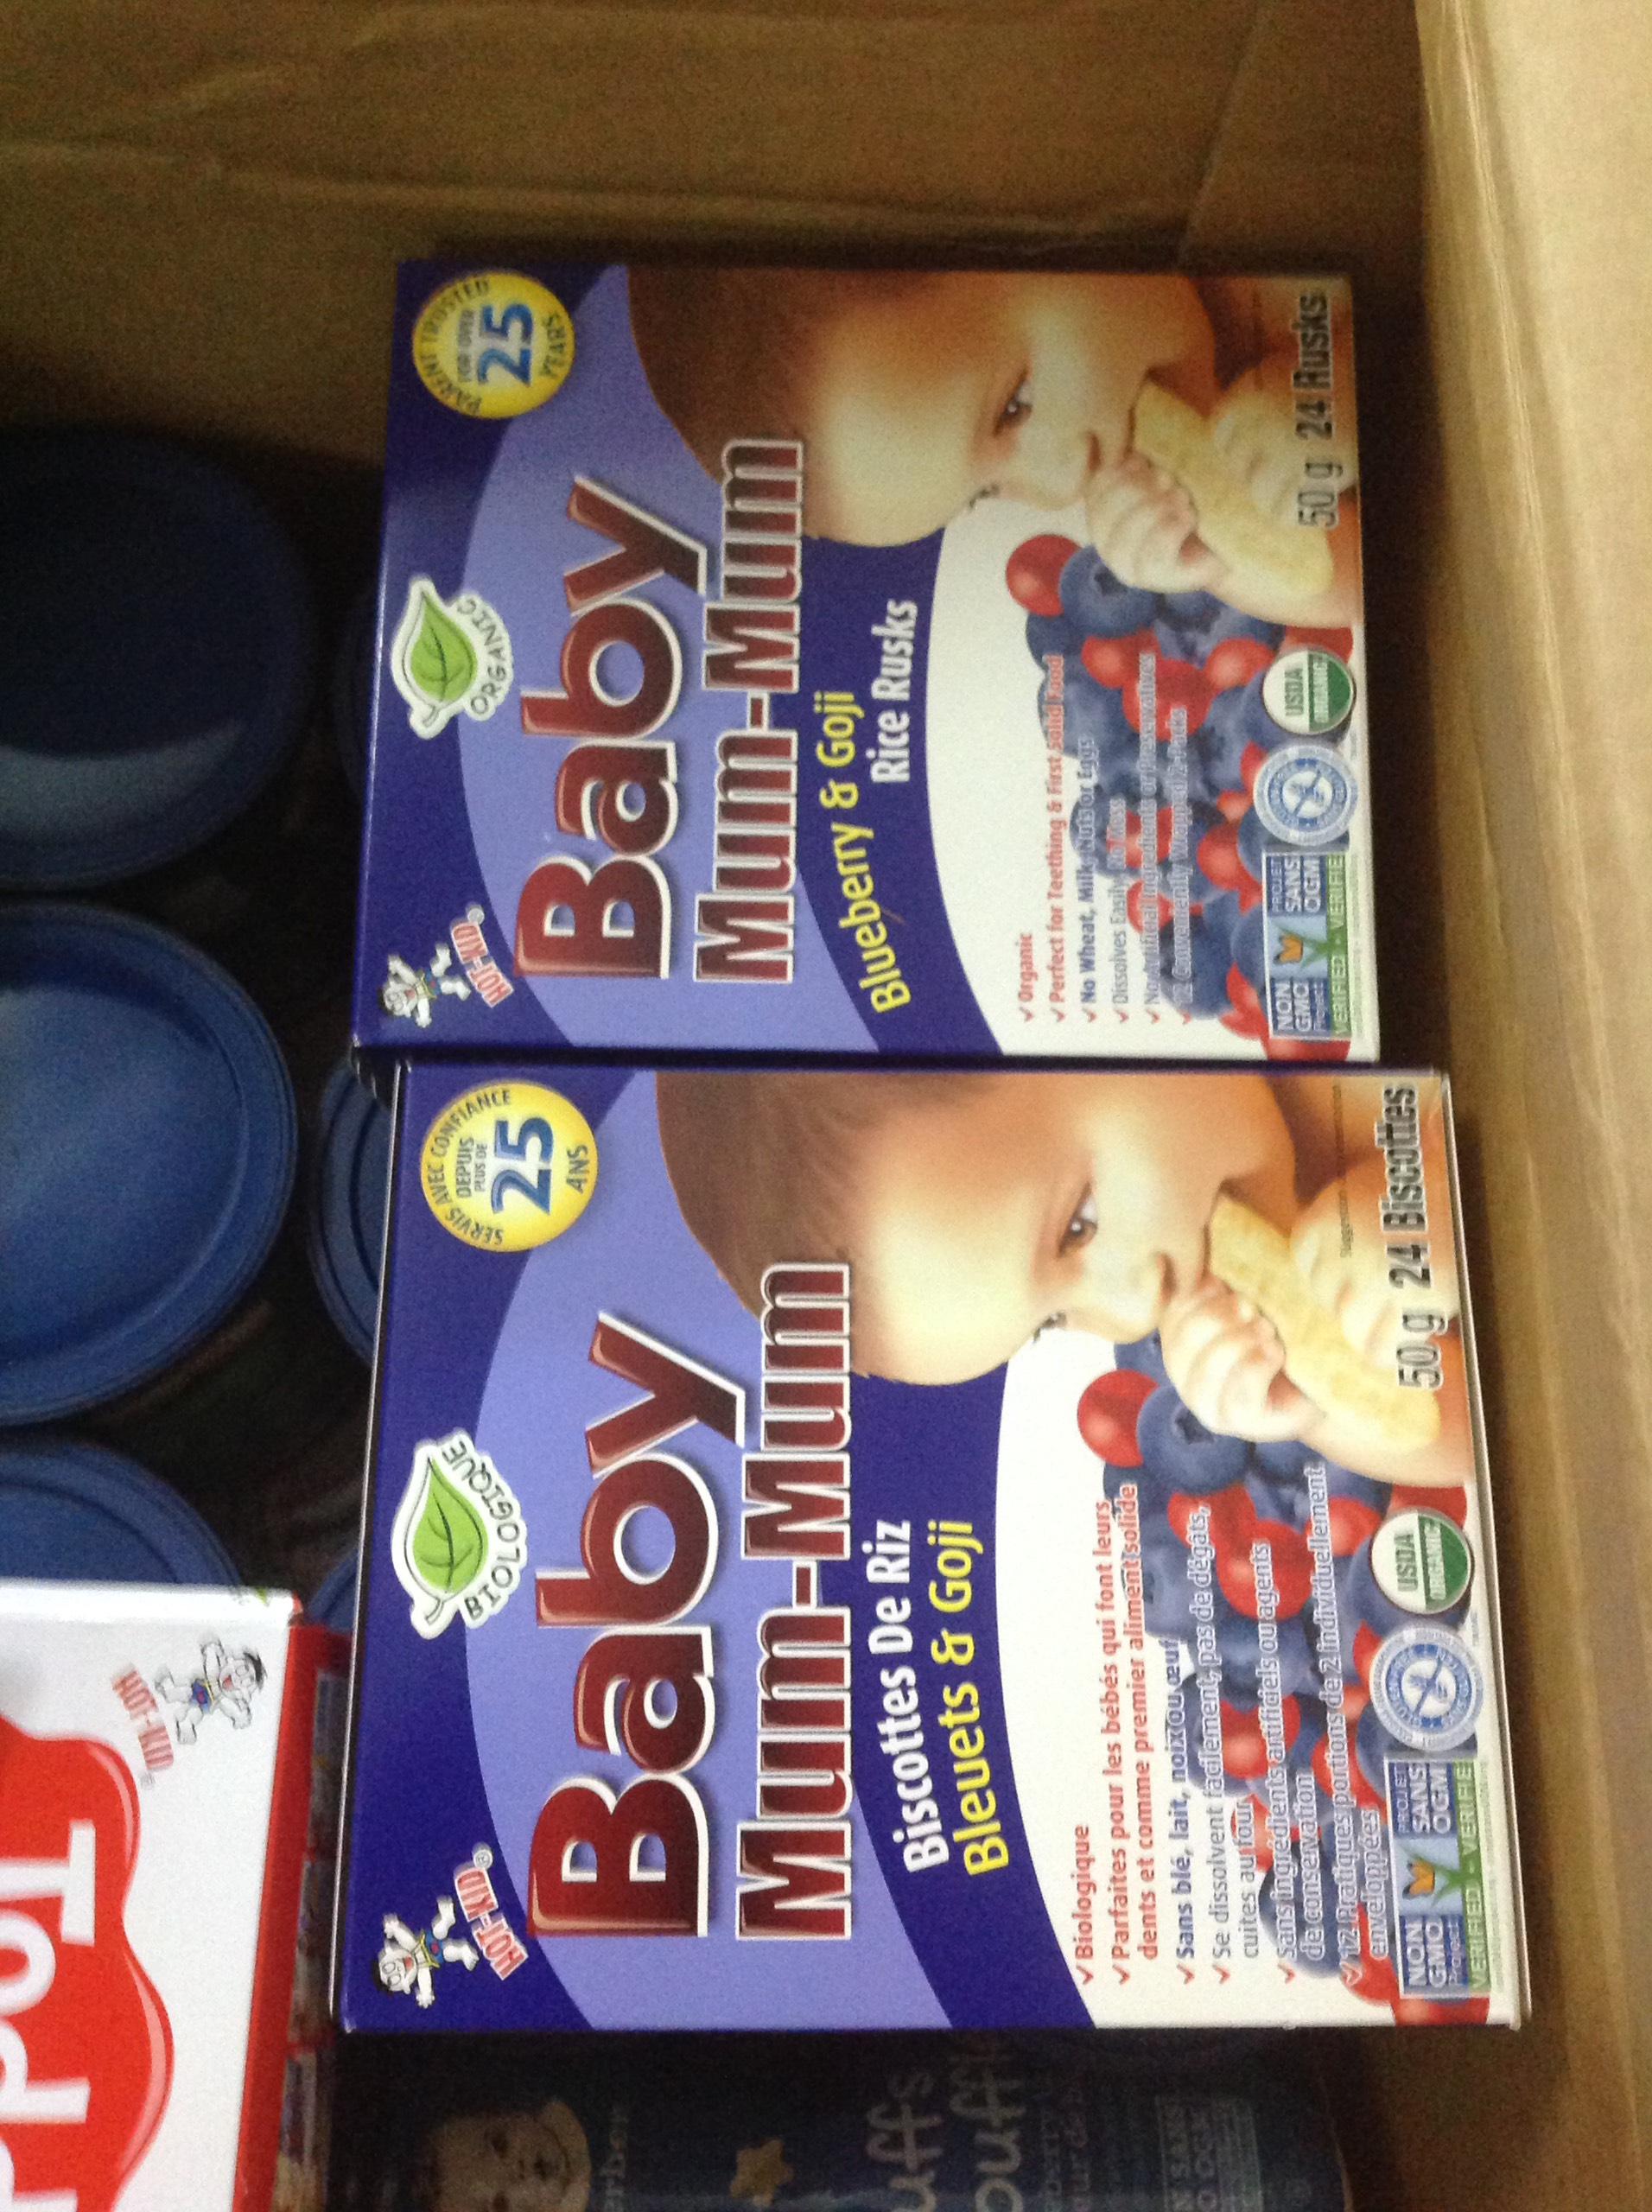 Dịch vụ chuyển phát nhanh hàng xách tay hàng sữa từ Mỹ về Việt Nam uy tín giá siêu rẻ